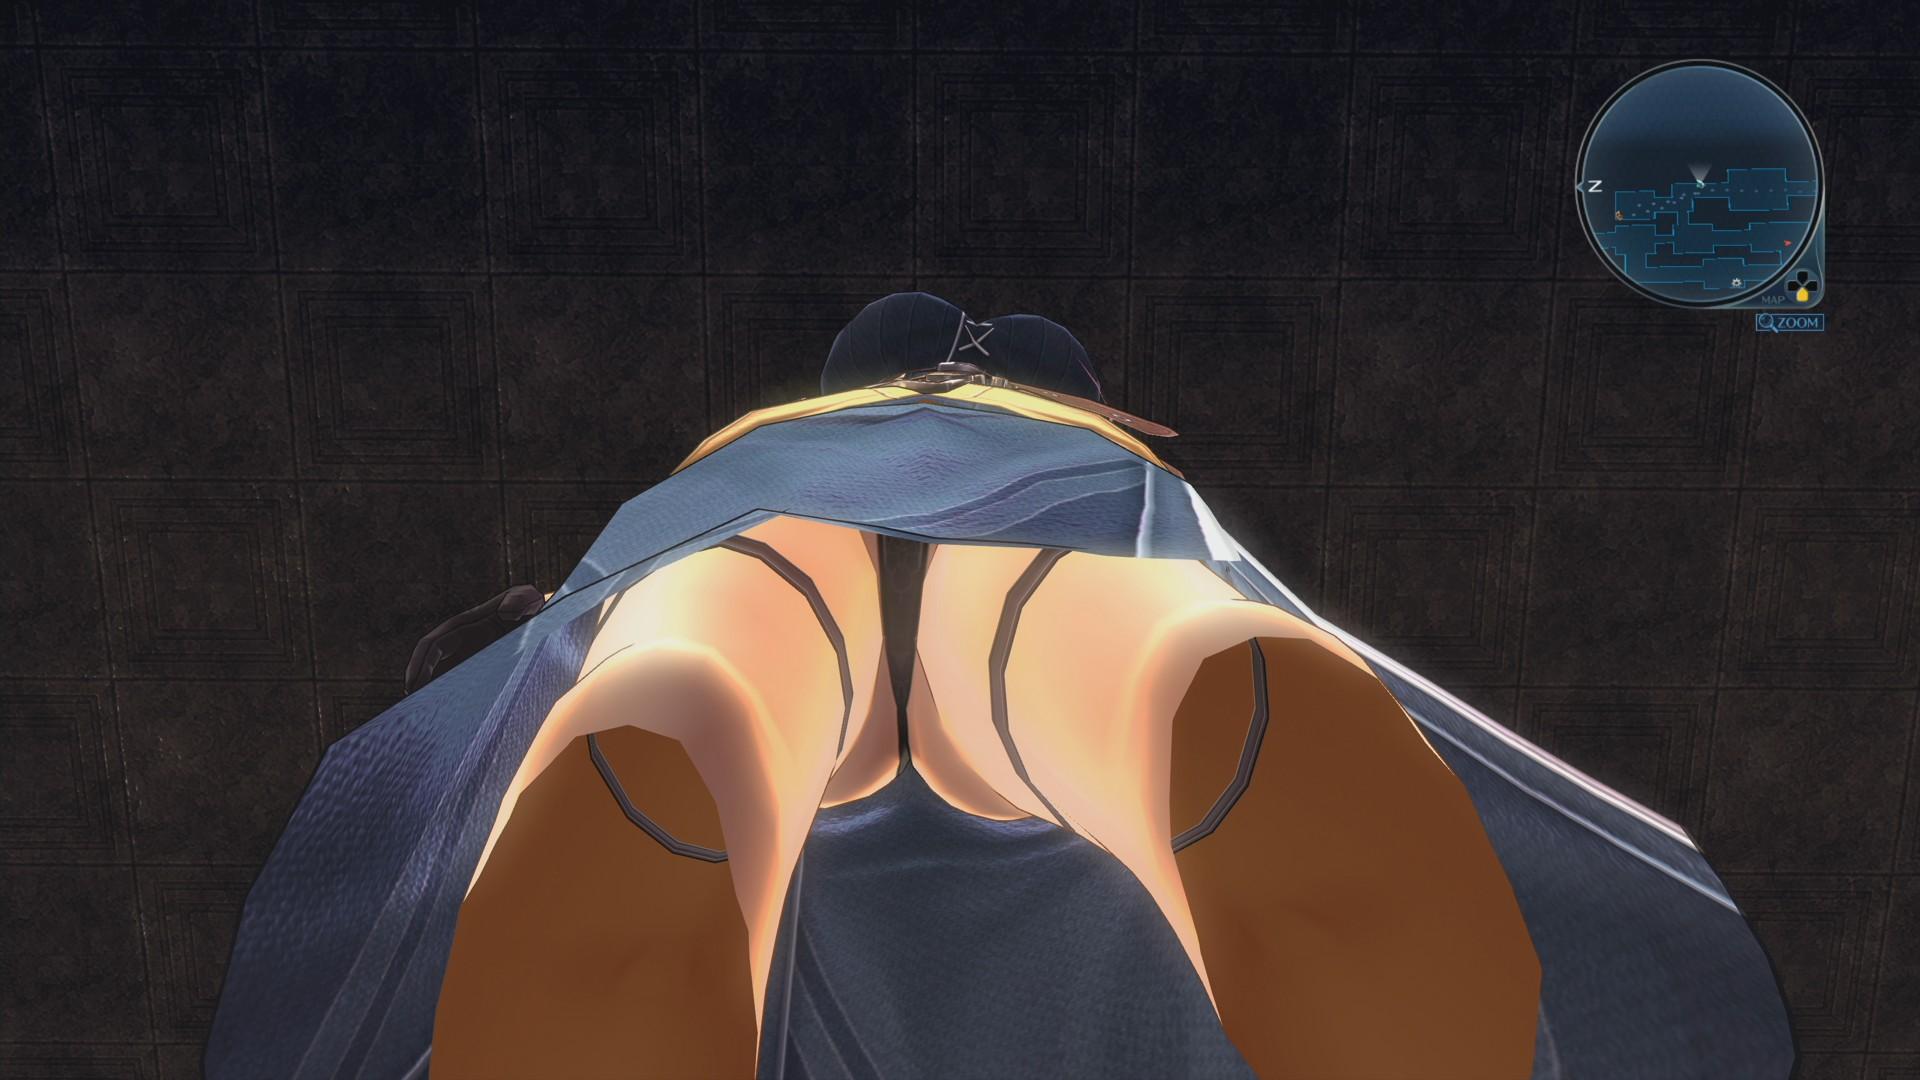 サラのパンツ画像